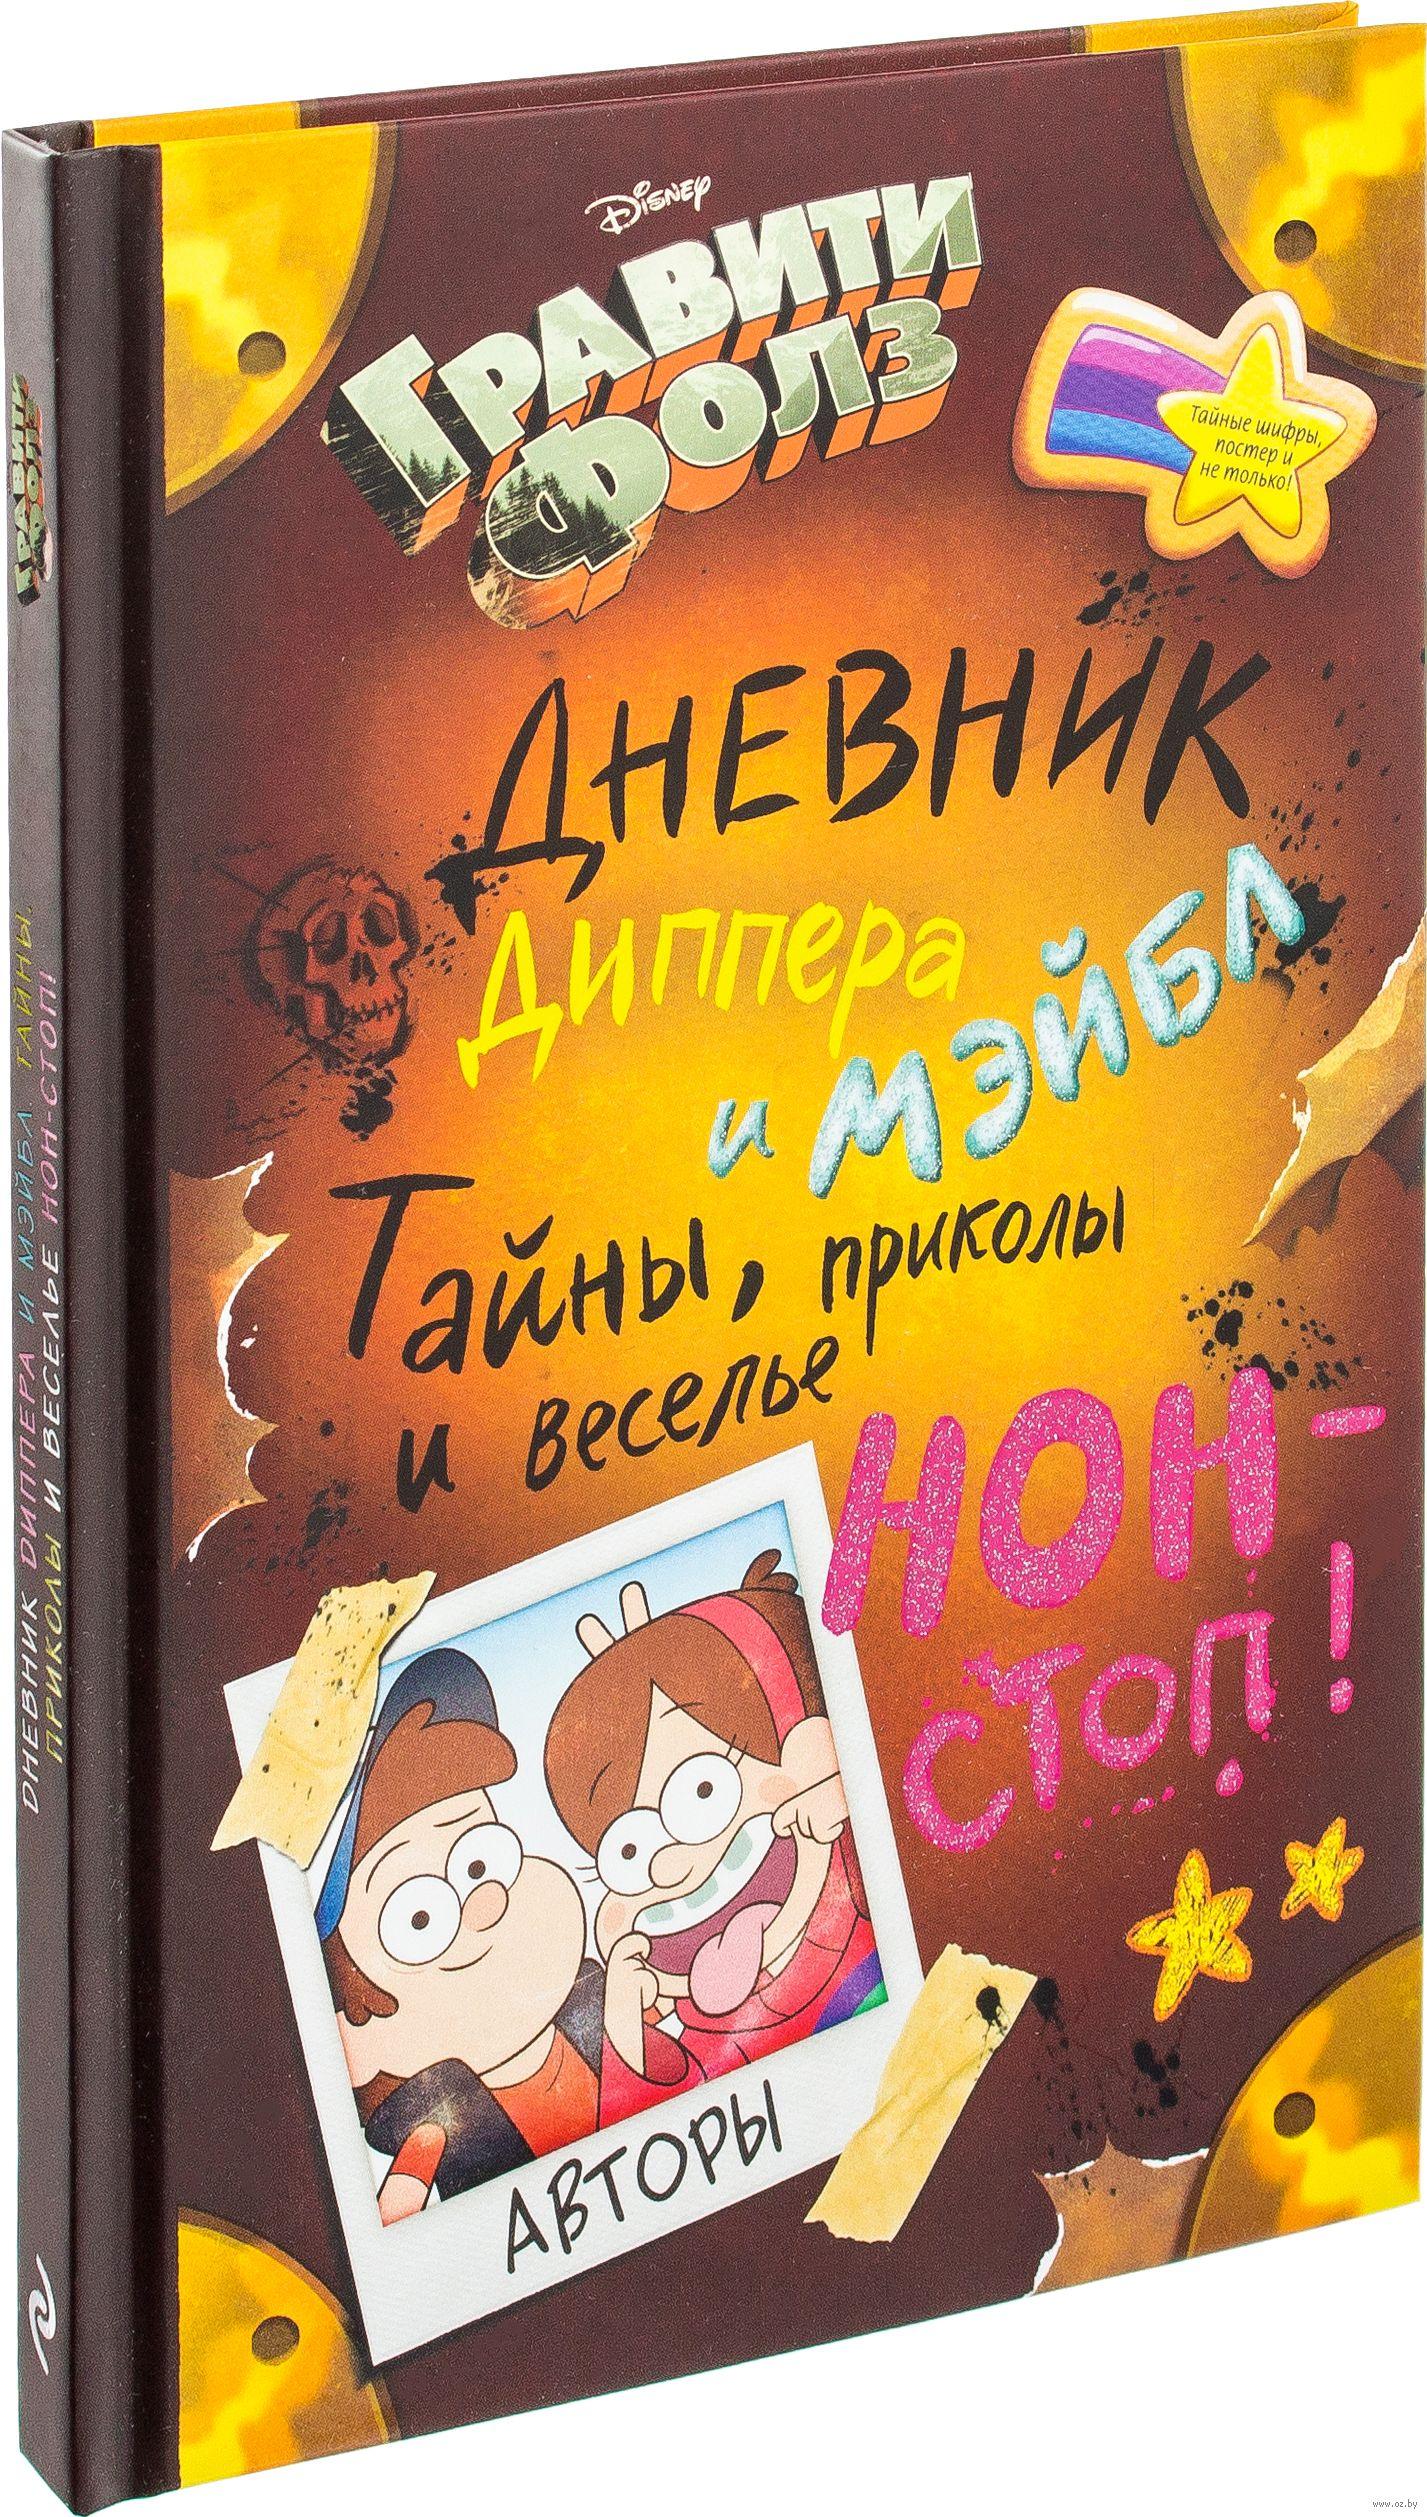 Книга ЭКСМО «Гравити Фолз. Дневник Диппера и Мэйбл. Тайны, приколы и веселье нон-стоп!»